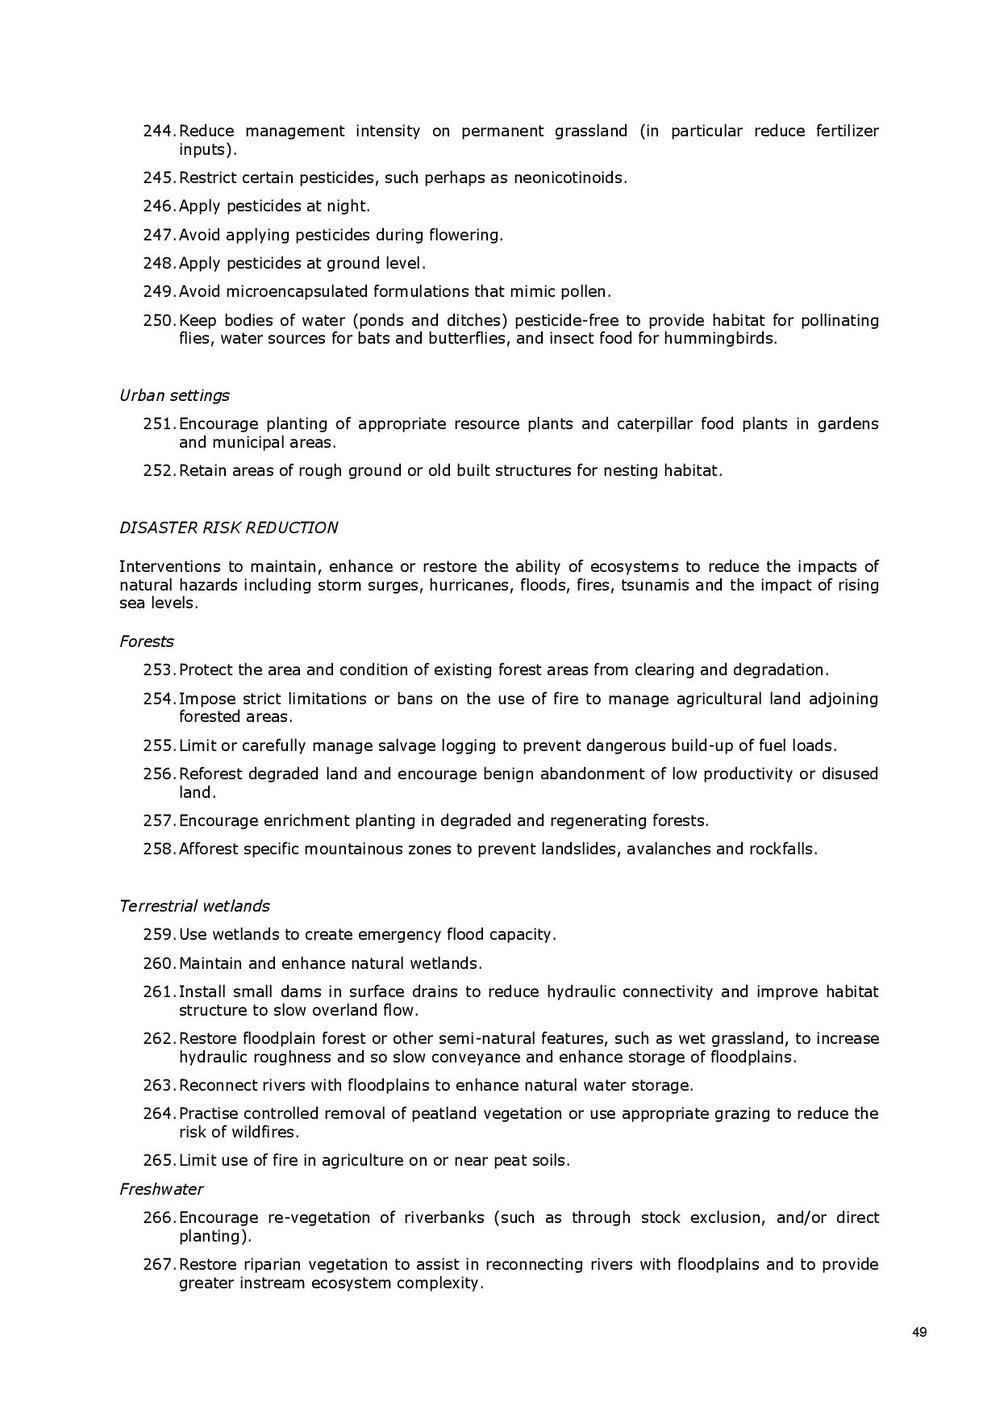 DG RTD_WEB-Publication A4_NBS_long_version_20150310-page-051.jpg